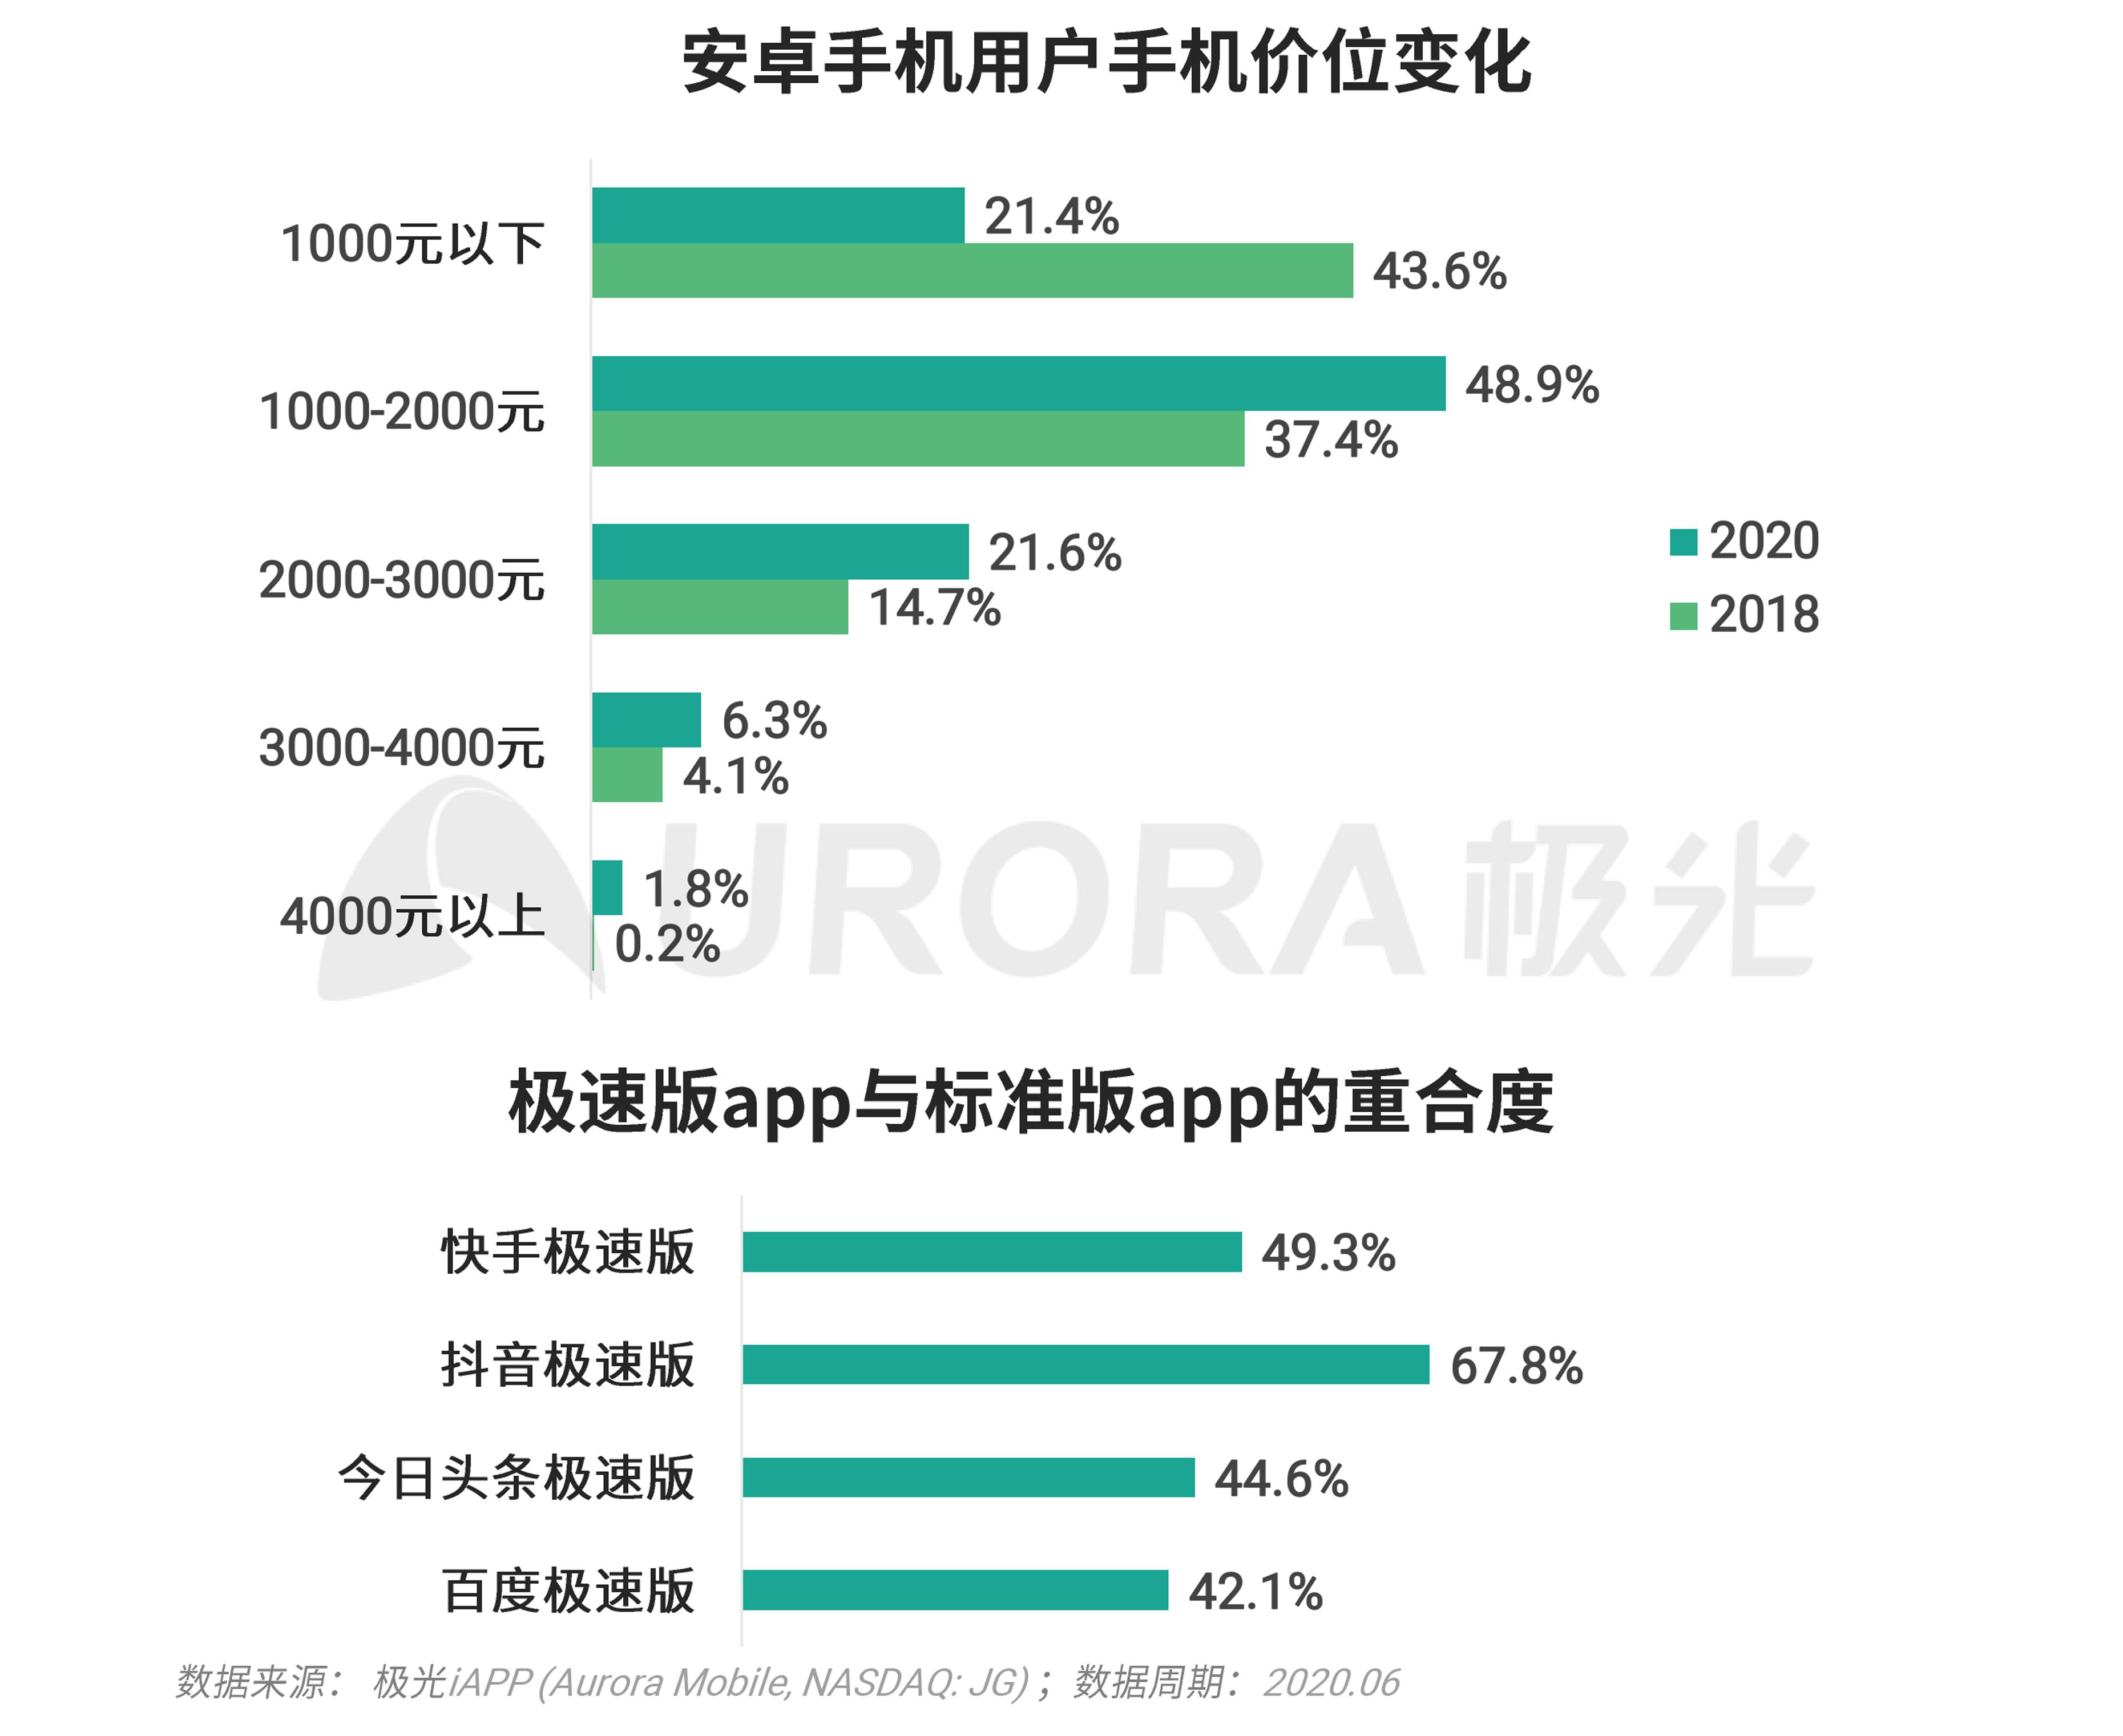 极光:移动互联网派生app研究报告 (8).png